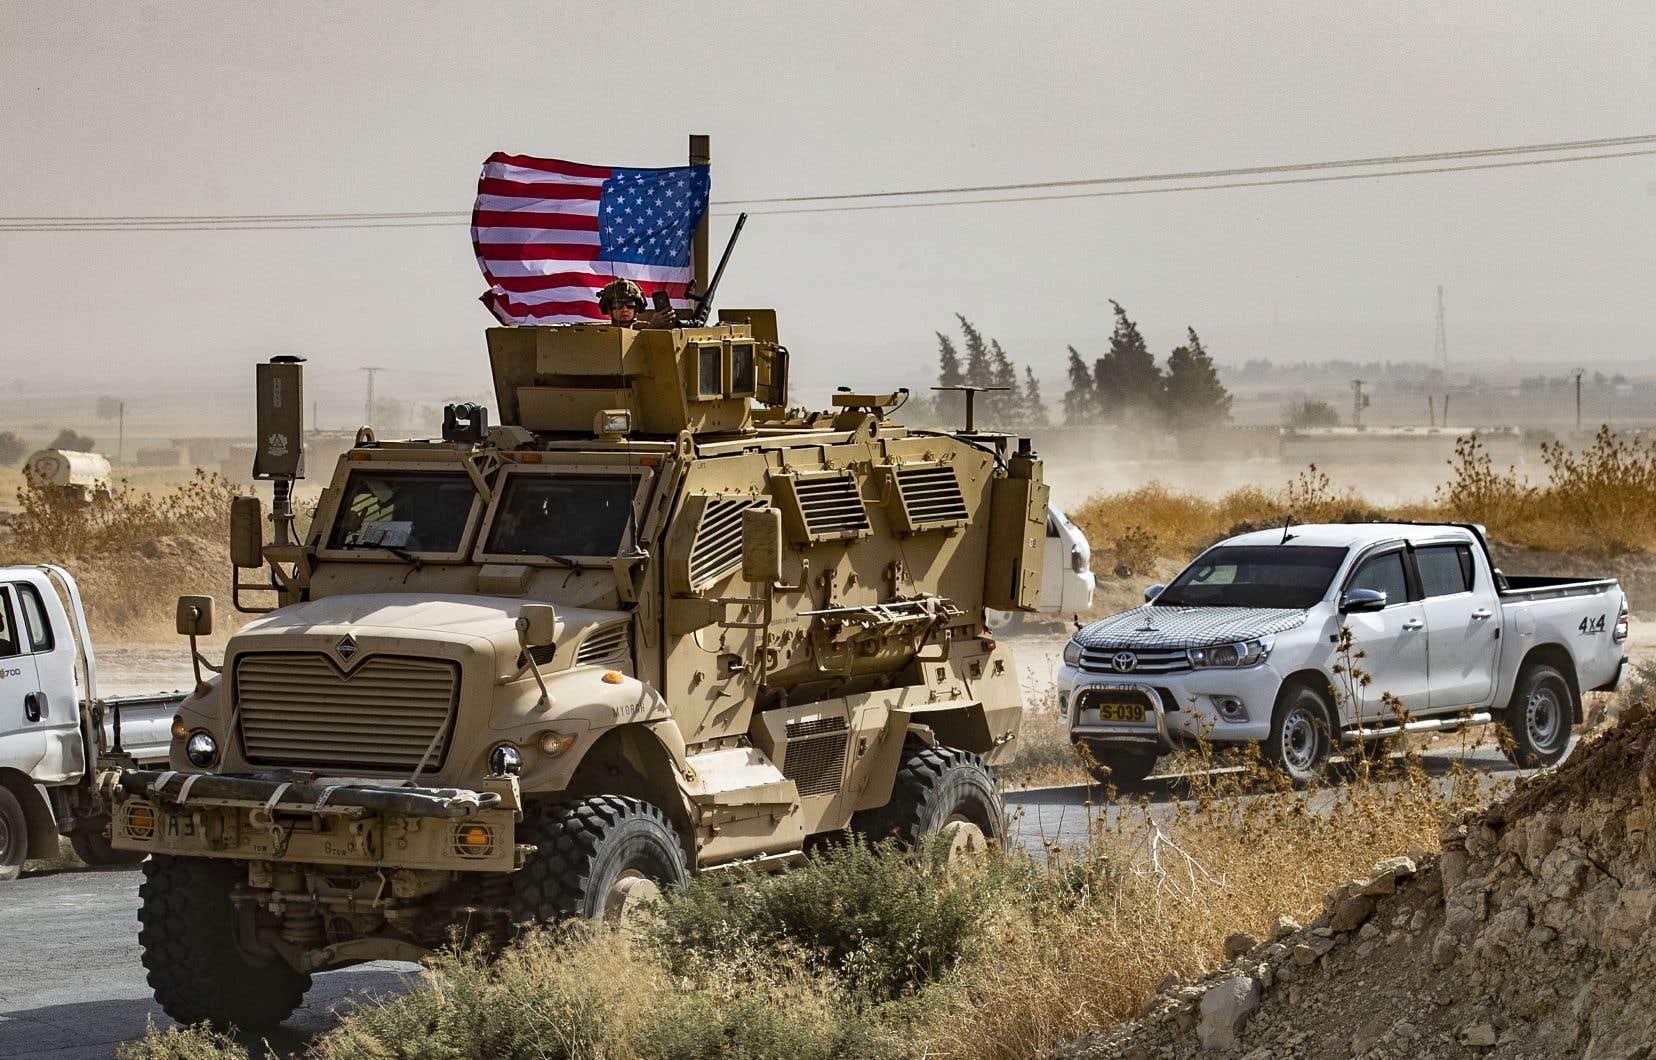 Les militaires américains avaient commencé à quitter les postes d'observation des villages frontaliers de Tell Abyad et de Ras al-Aïn (photo). Lundi, Donald Trump a précisé qu'il n'avait finalement ordonné qu'un redéploiement vers d'autres bases d'un contingent de 50 à 100 membres des forces spéciales.